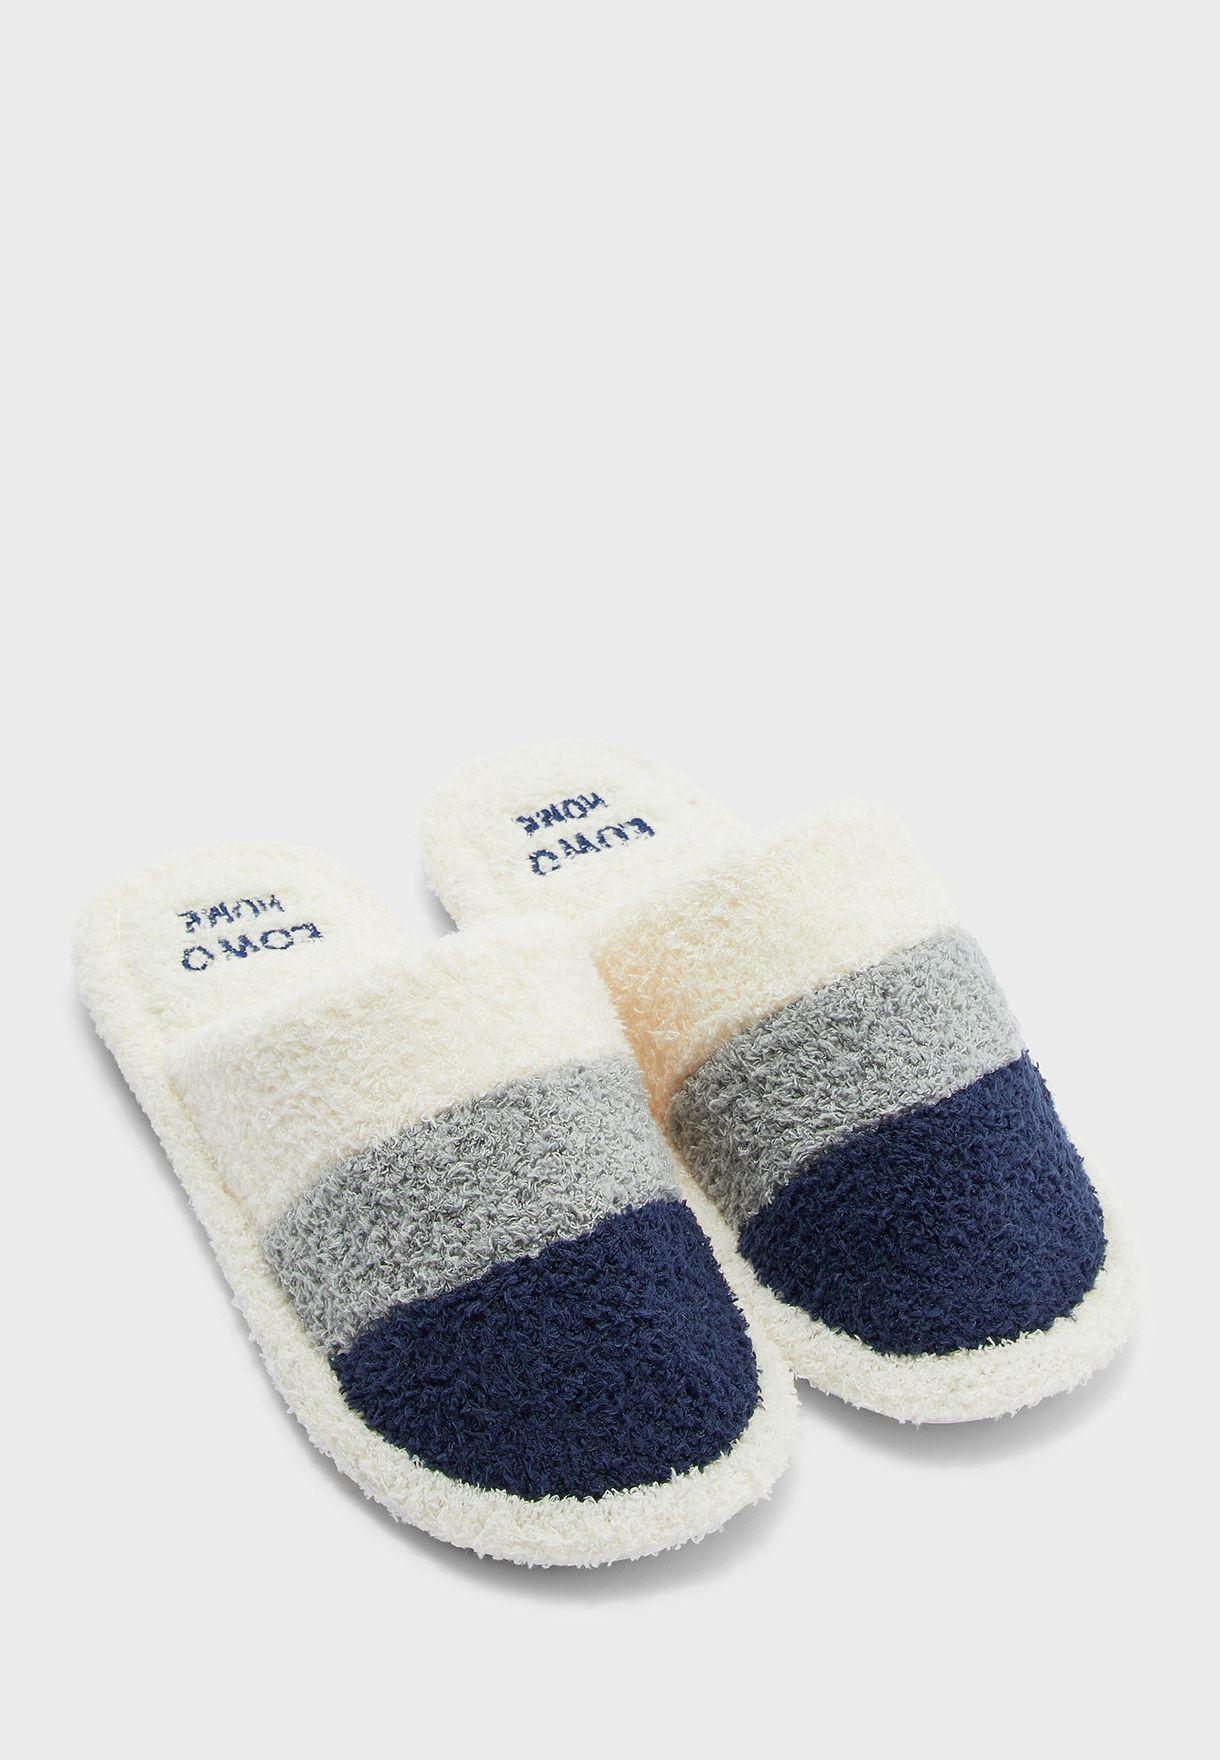 Stripes Men's Bedroom Slippers